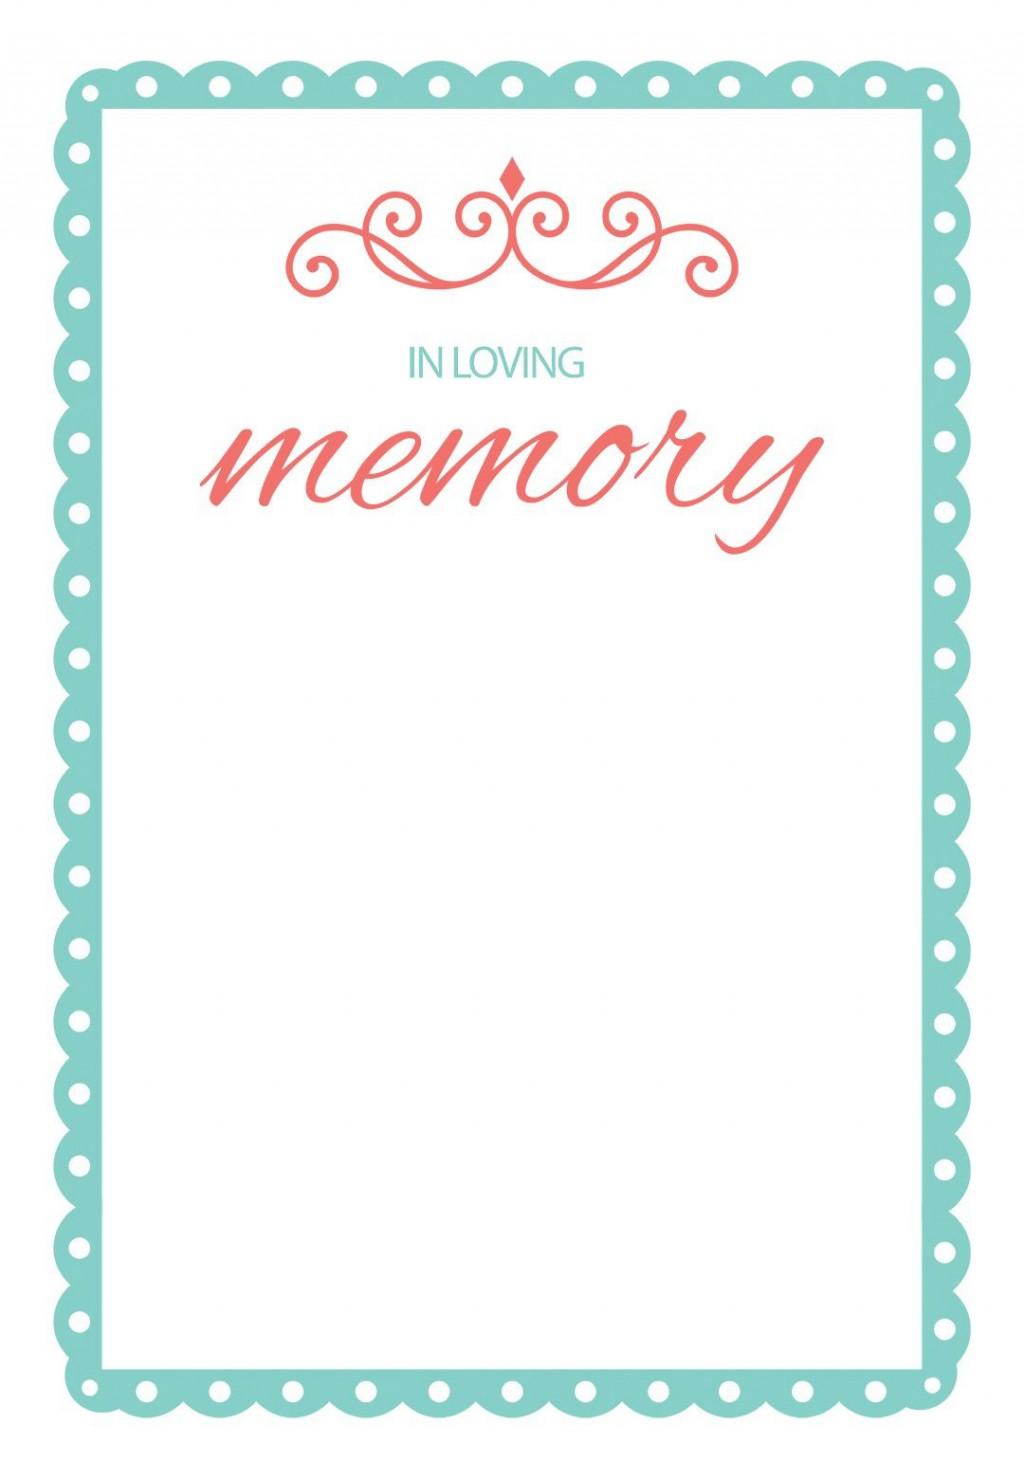 004 Fascinating Memorial Card Template Free Download Design Large